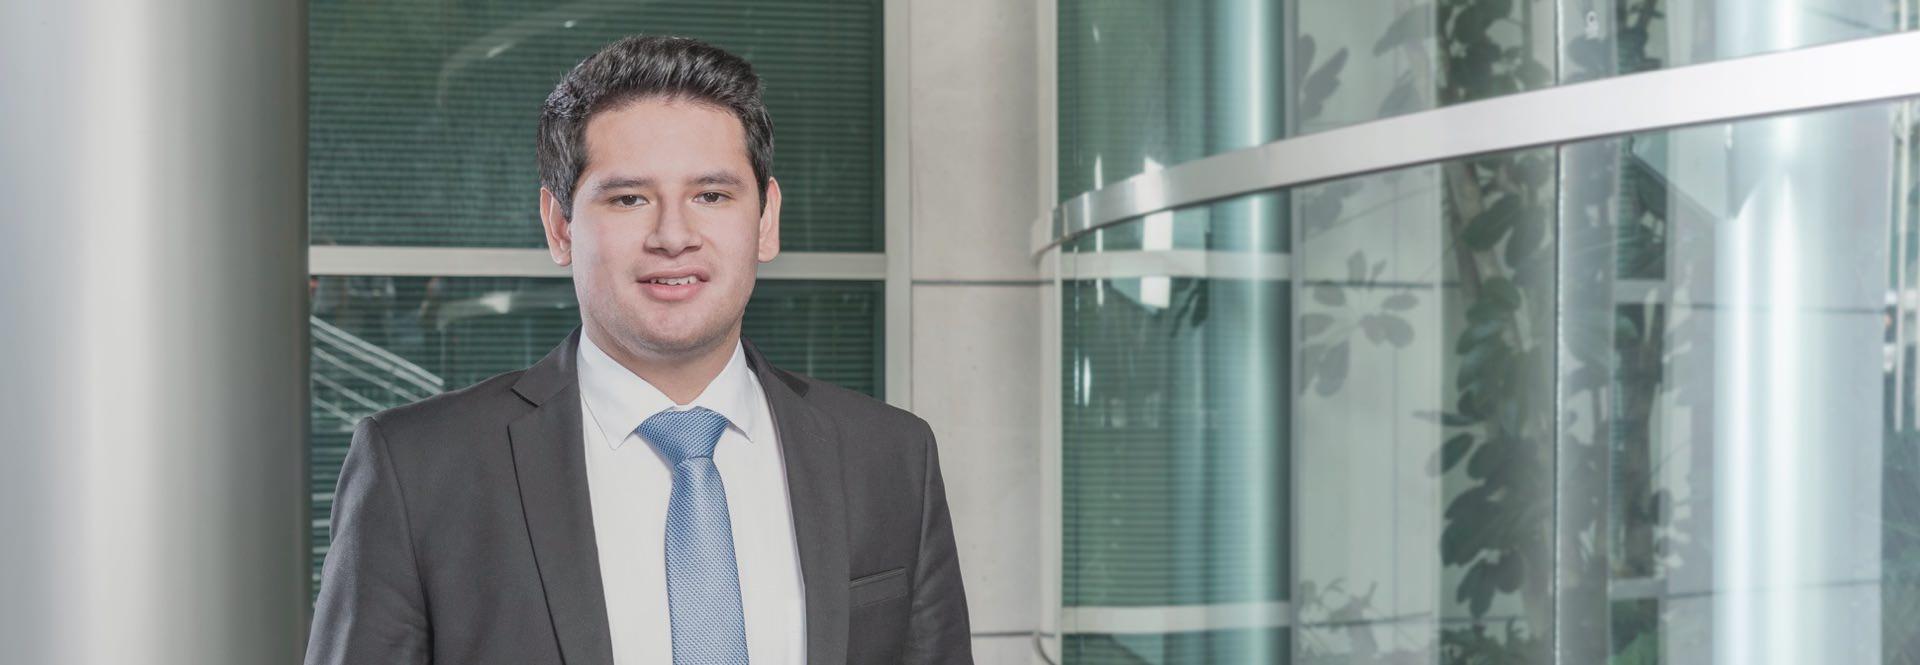 Victor Manuel Cruz Carreón